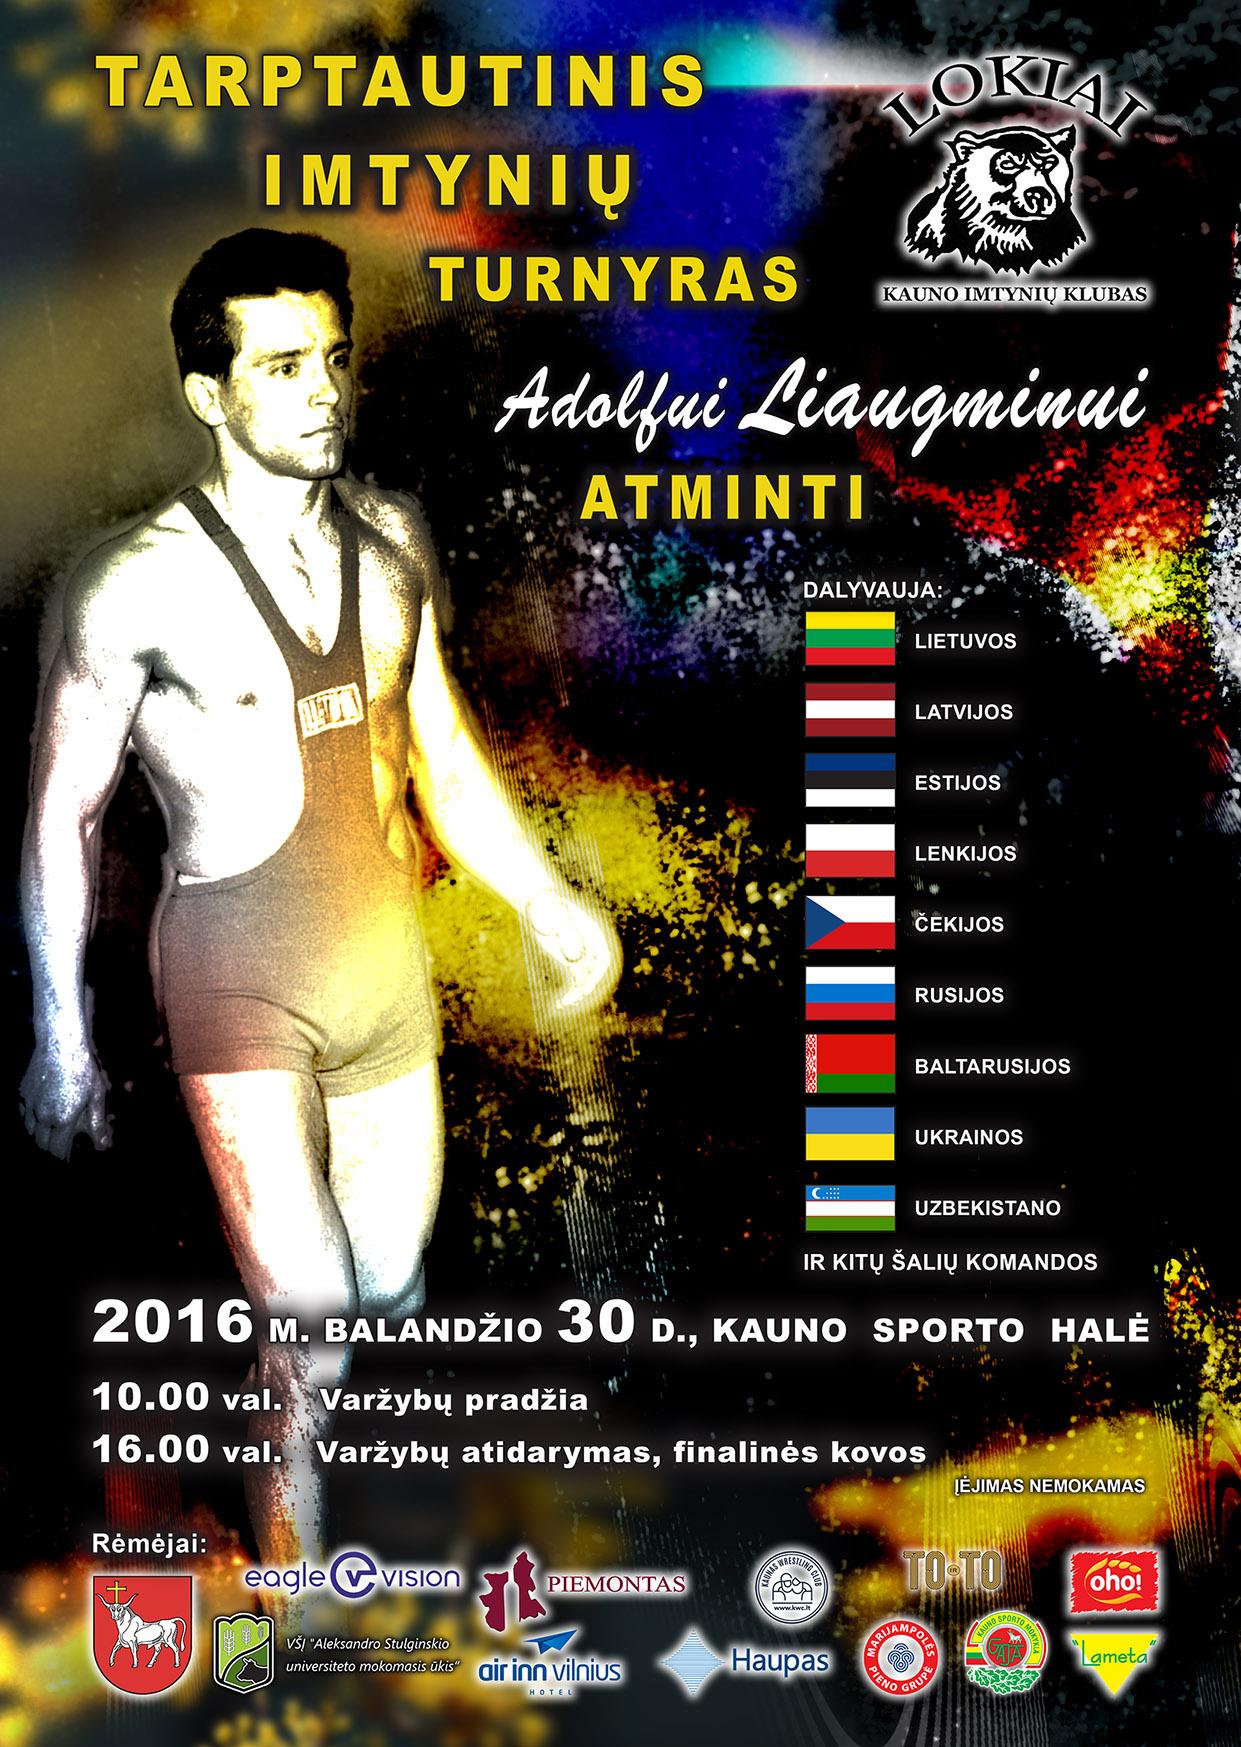 Kaunas kviečia į tradicinį imtynių turnyrą